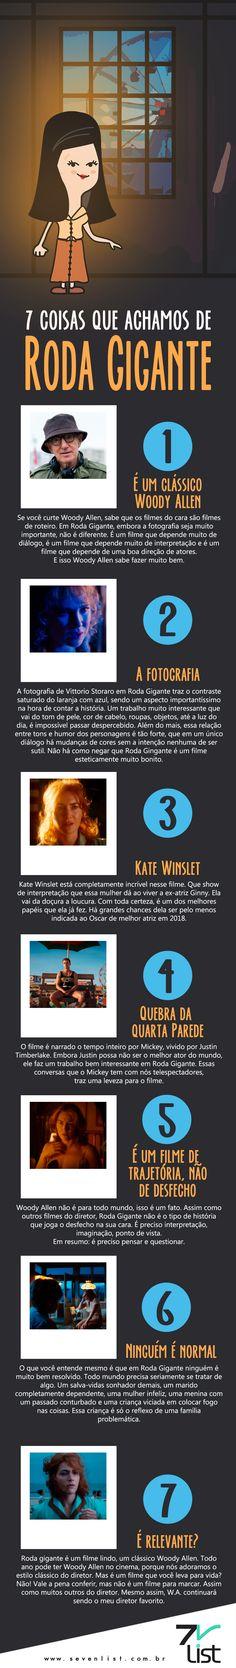 Woody Allen está de volta! E dessa vez com um drama estrelado por Kate Winslet e Justin Timberlake. Confira 7 coisas que achamos de Roda Gigante. #SevenList #Cine #Movie #WonderWheel #RodaGigante #WoodyAllen #Cine #Cinema #Filmes #Filme